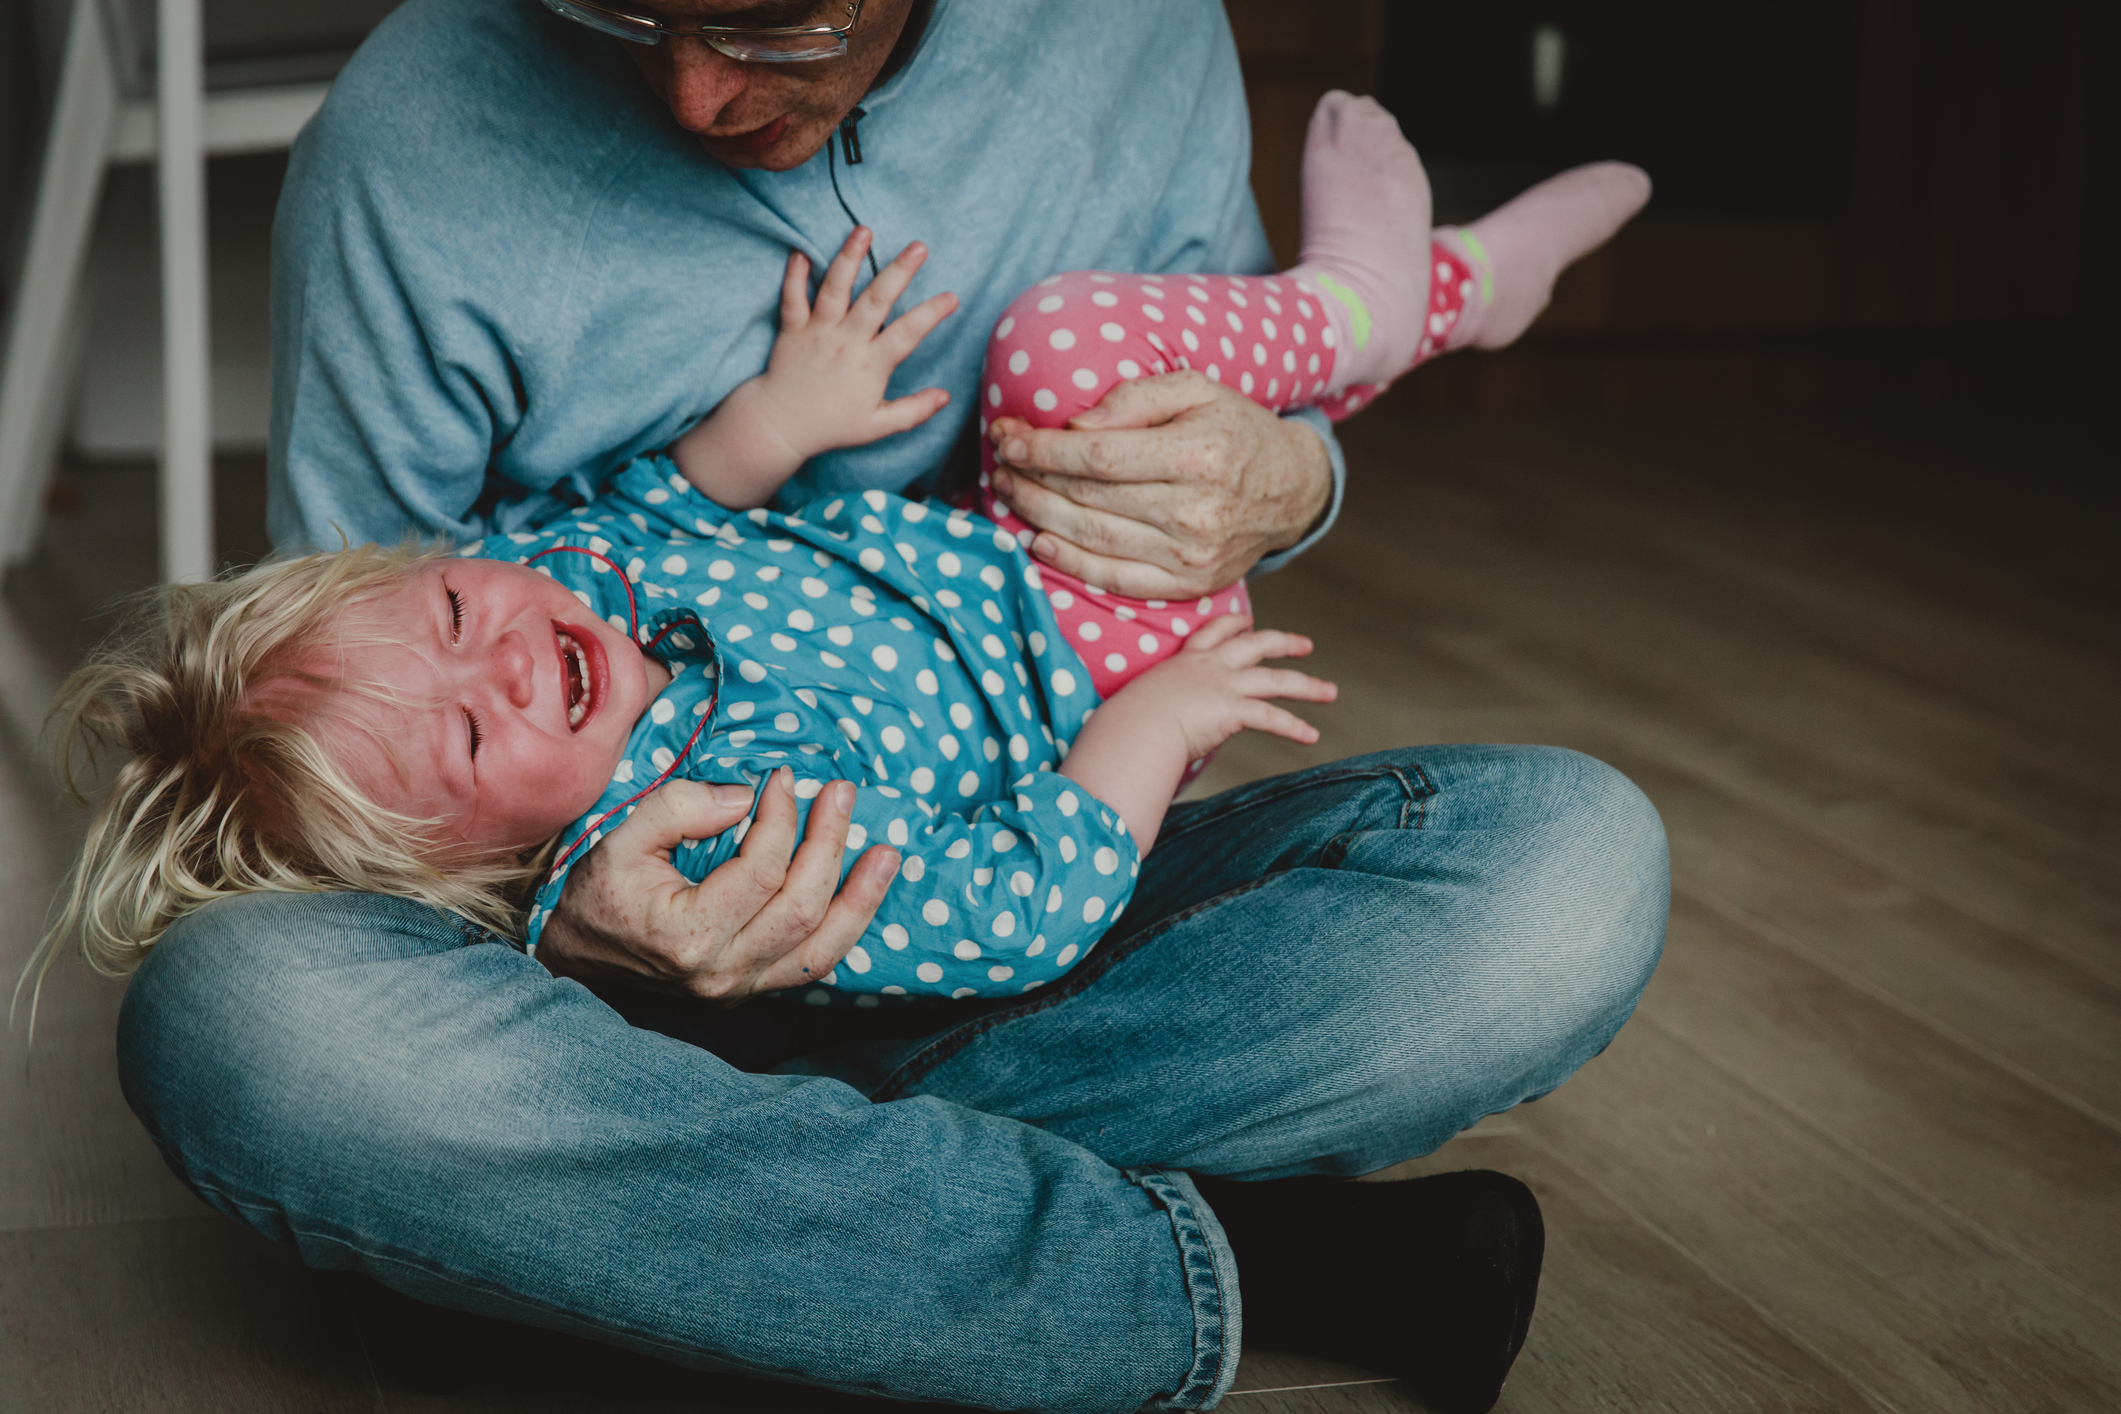 Za djecu je jako važno da nauče da je plakanje u redu, kao i pokazivanje svih ostalih emocija koje osjećaju, od tuge i ljutnje do sreće.